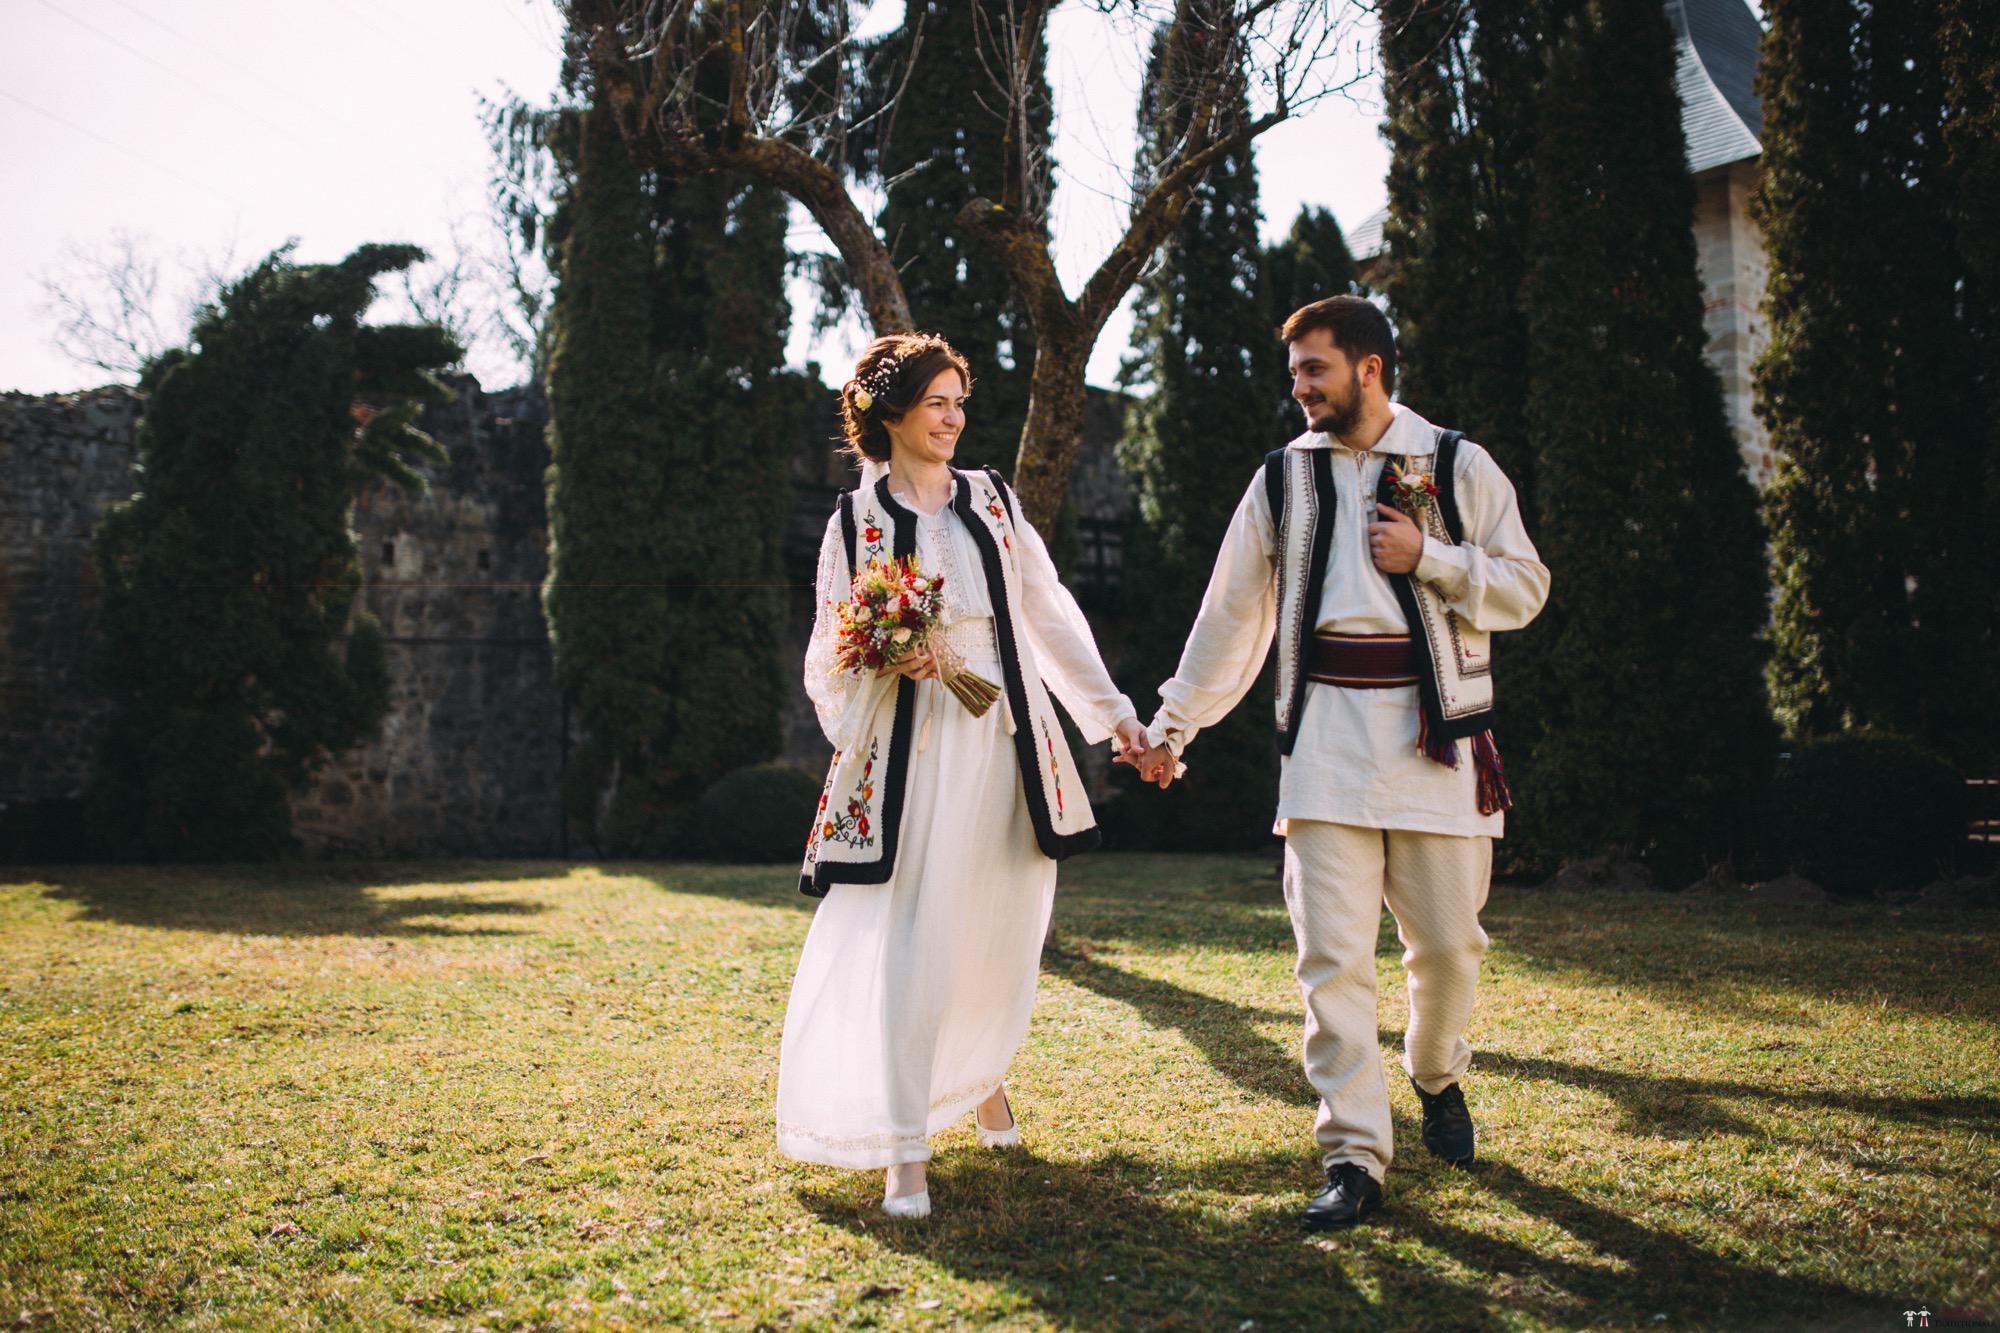 Povești Nunți Tradiționale - Gabriela și Adrian. Nuntă tradițională în Piatra Neamț 8